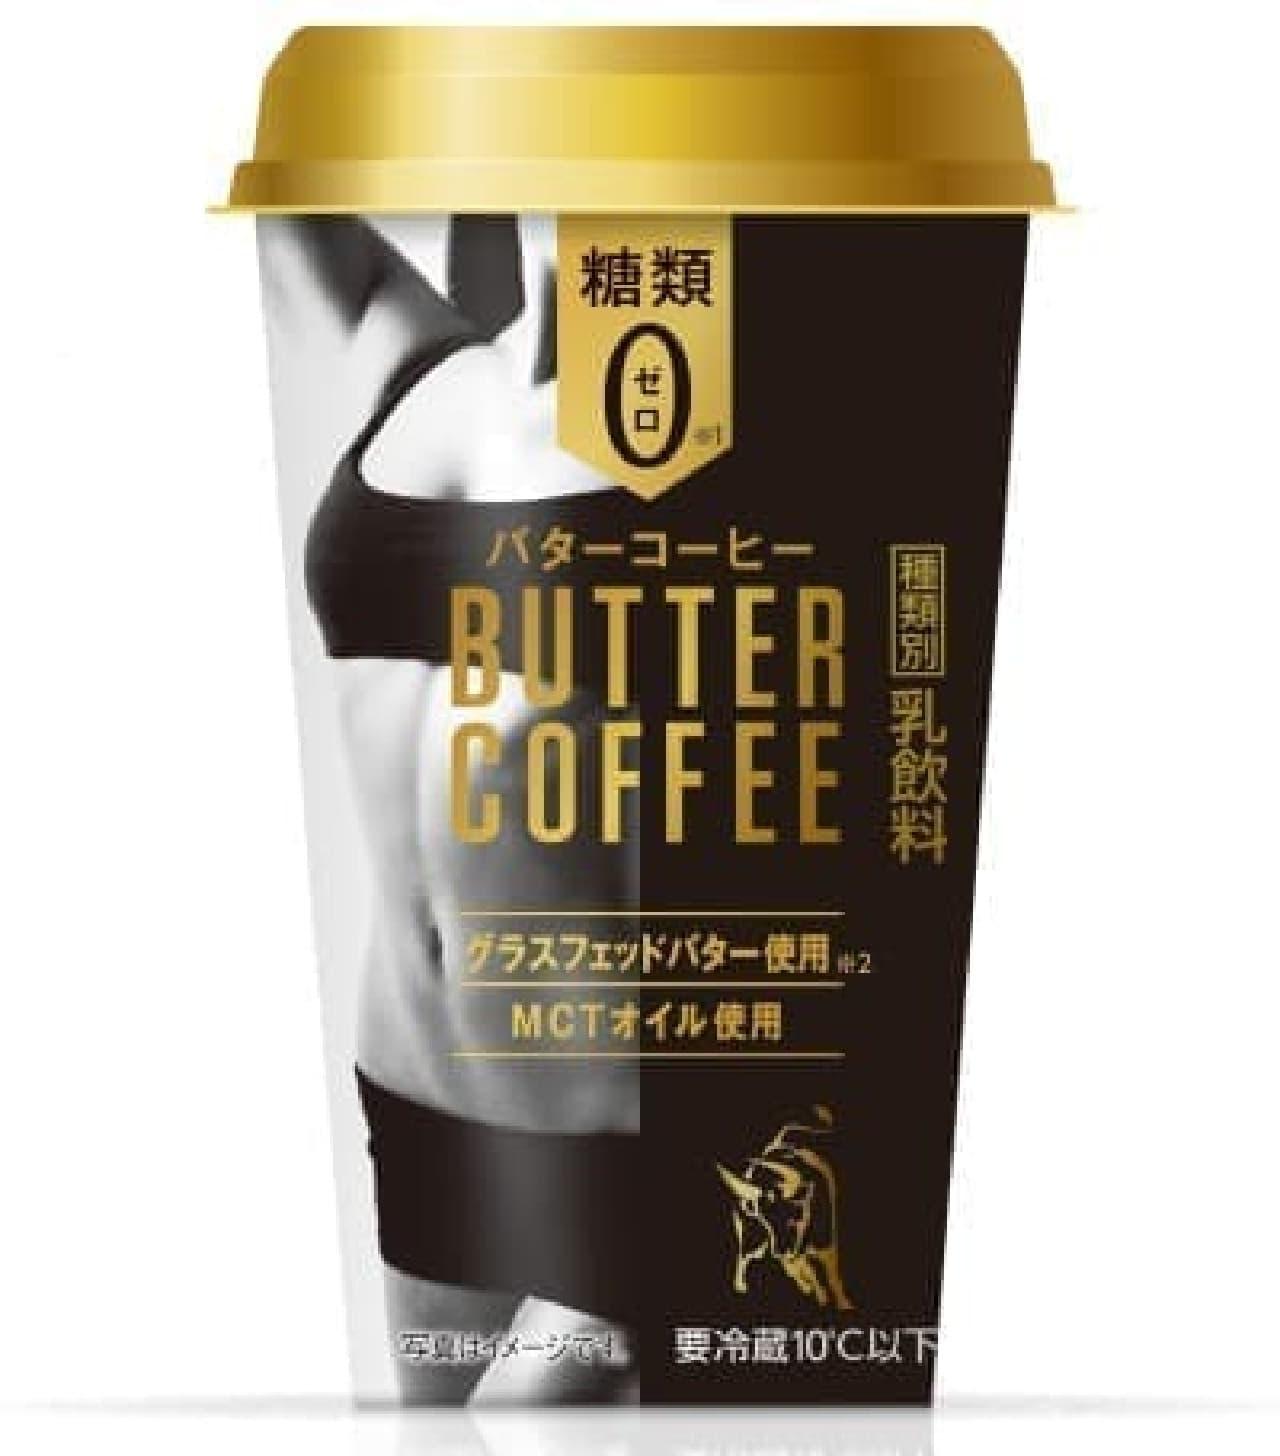 ファミリーマート「バターコーヒー」